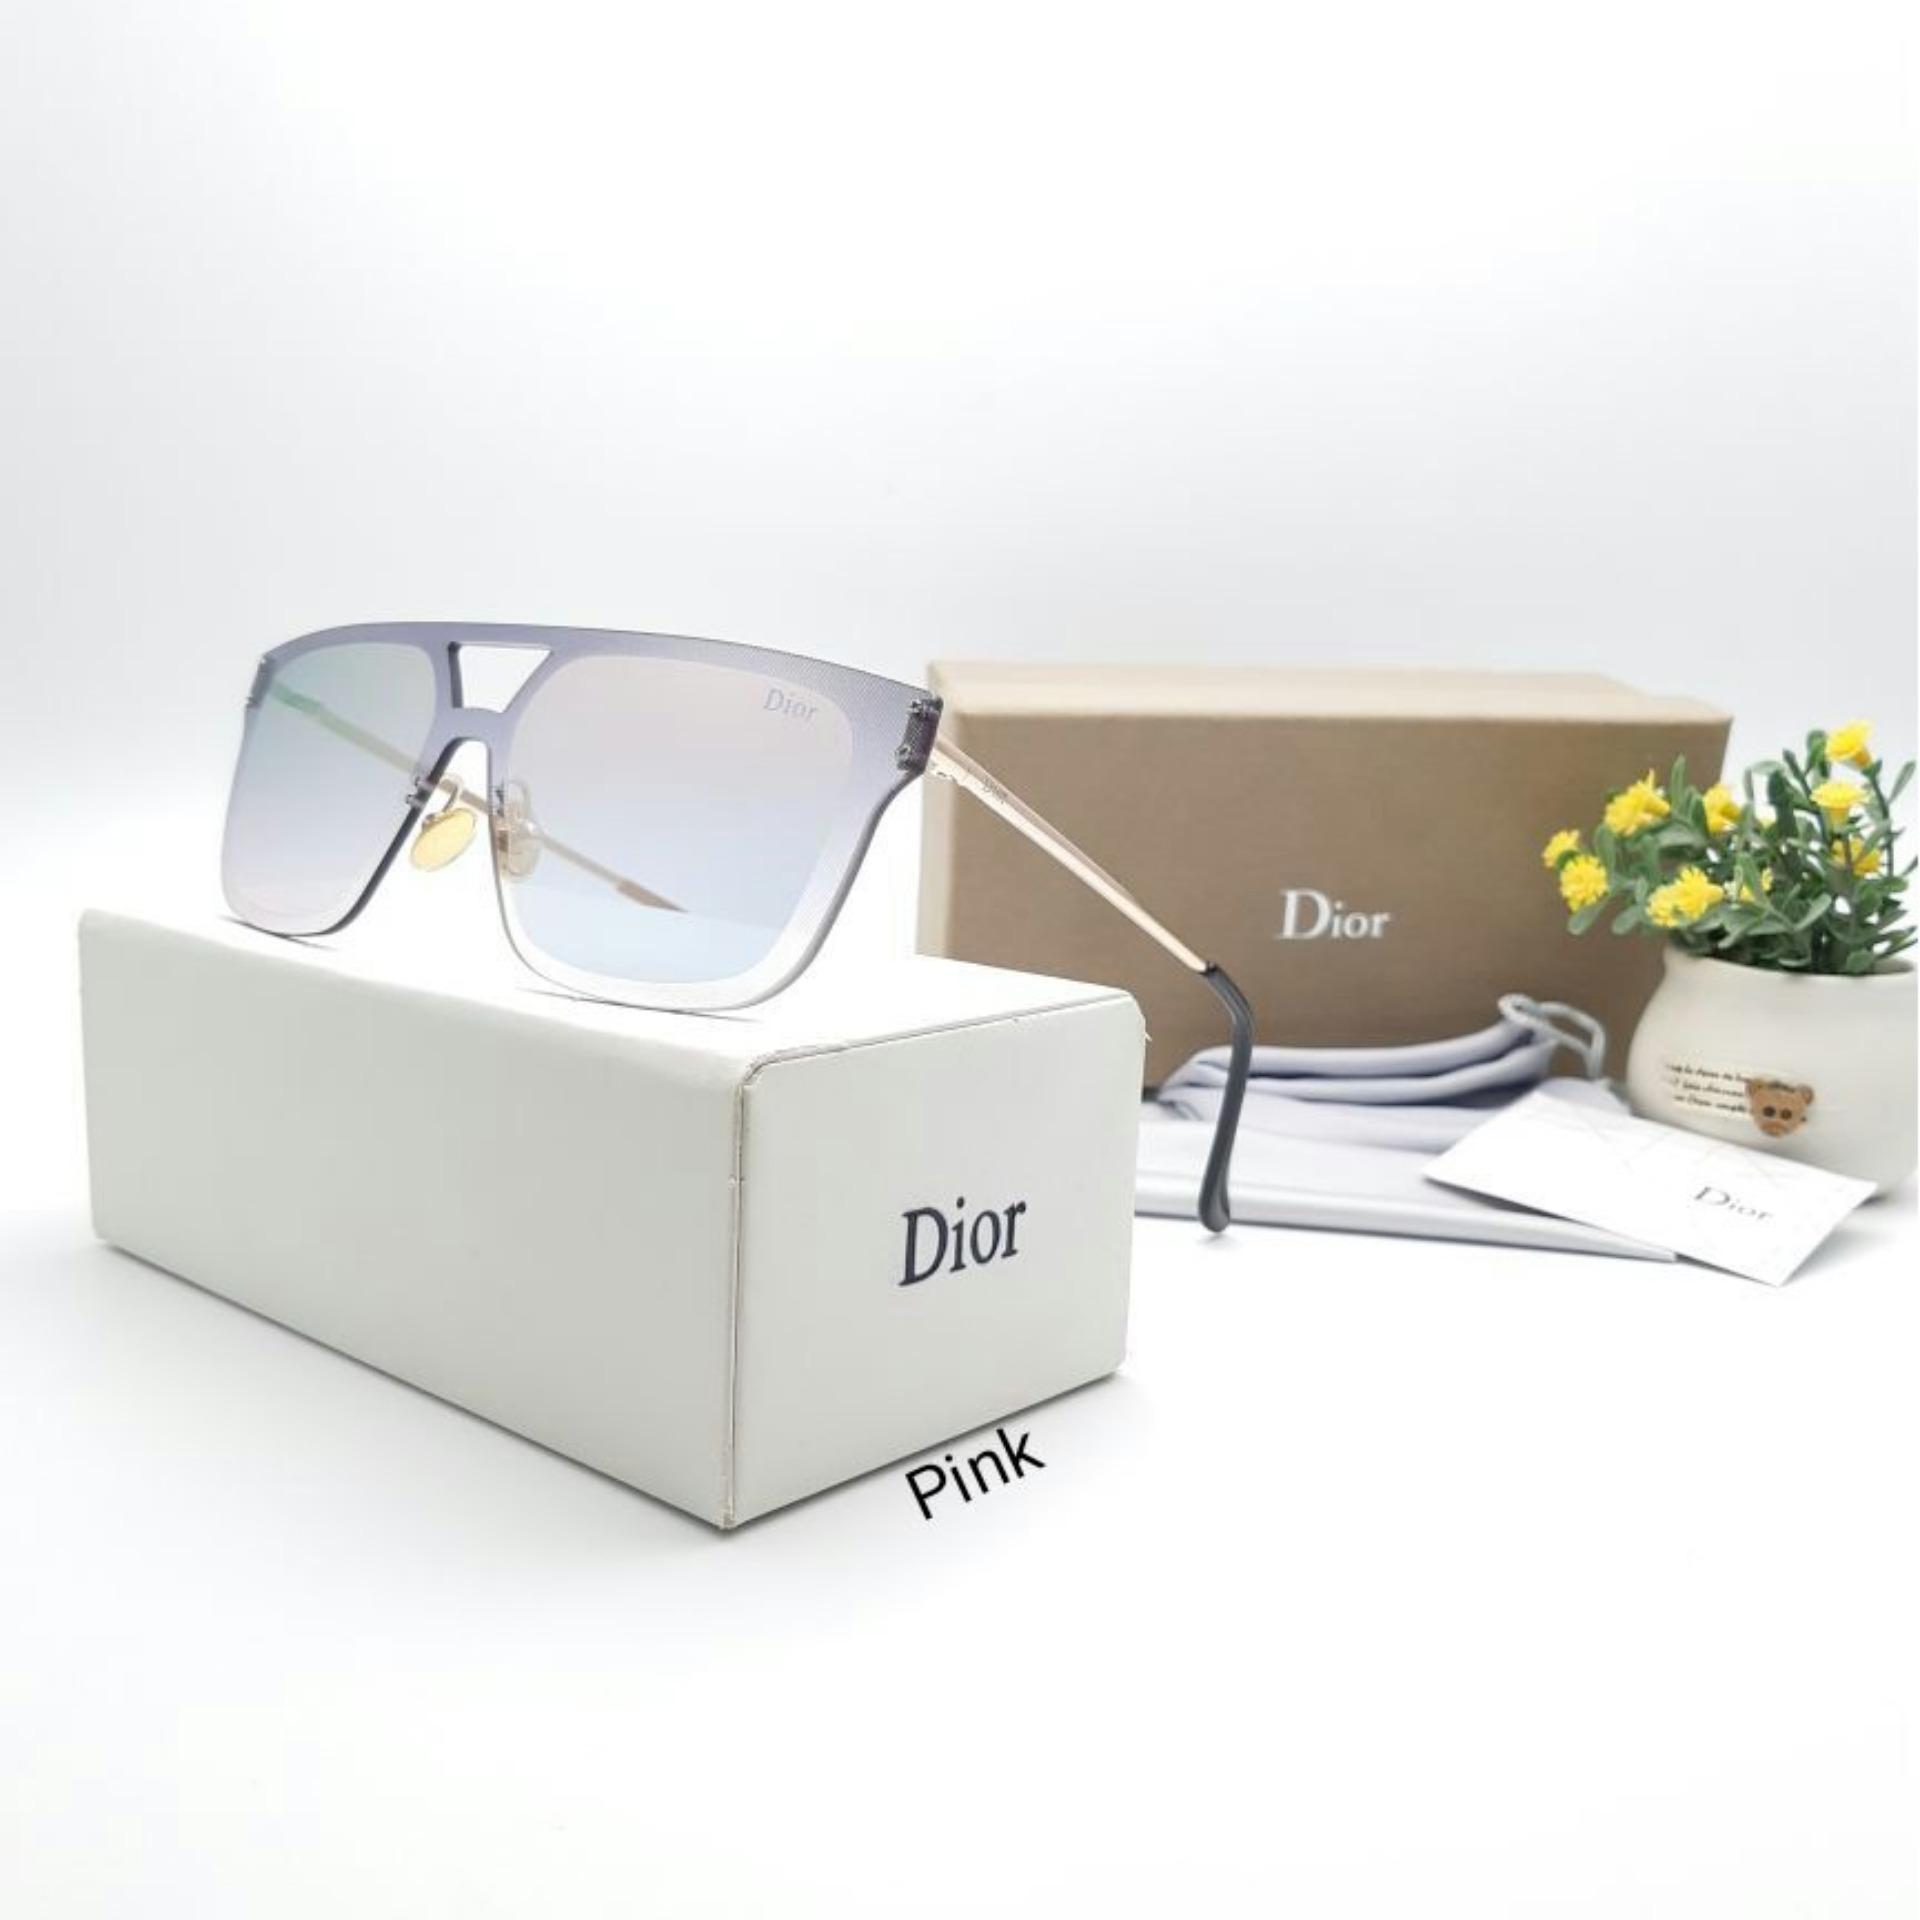 Info Harga Jual Kacamata Dior Composit Terbaru Termurah Bulan Ini Sunglass Wanita 84 Trendy 18016